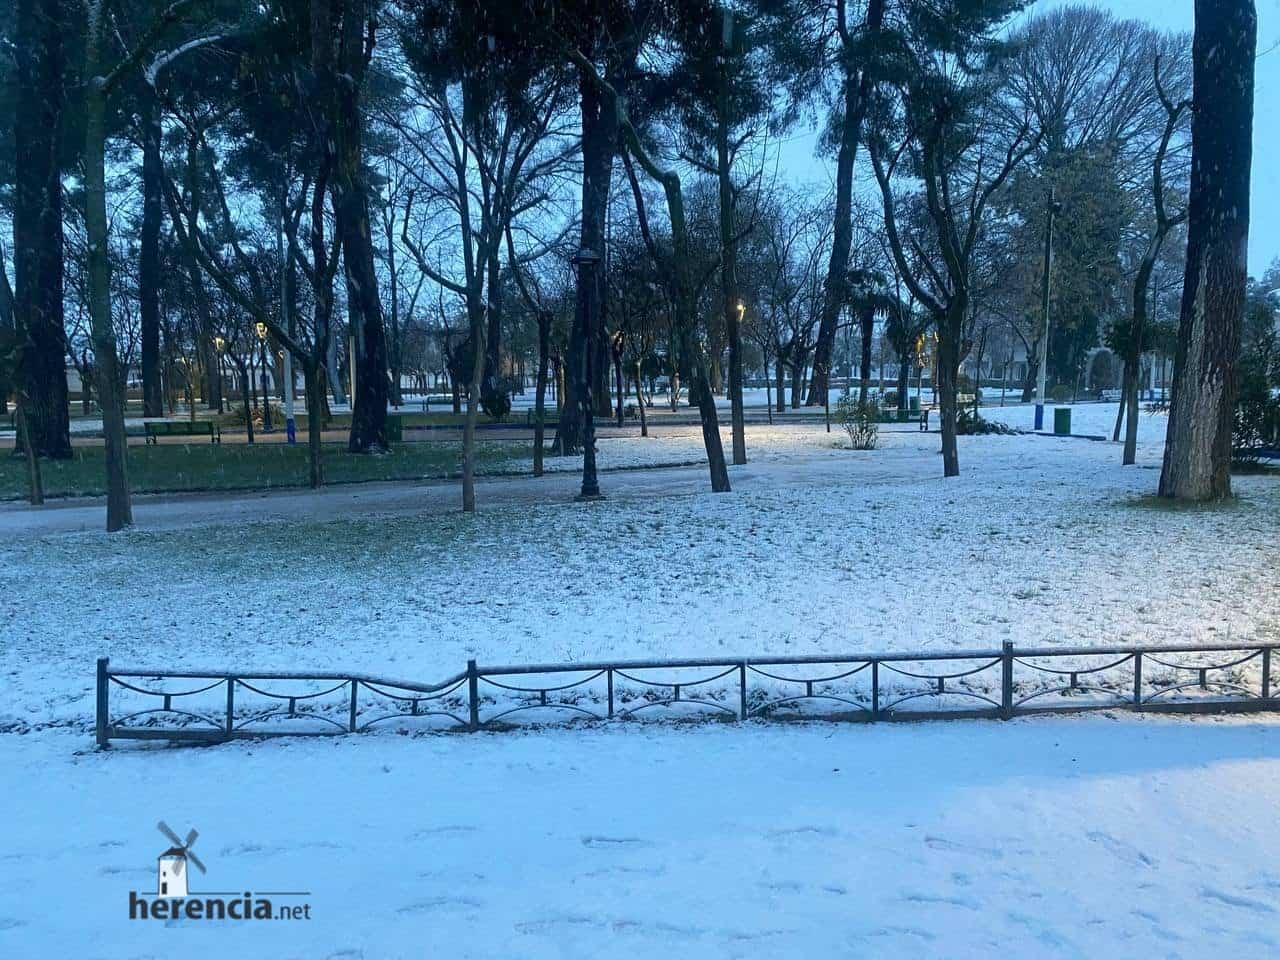 Más fotografías de las nieves de 2021 en Herencia 138